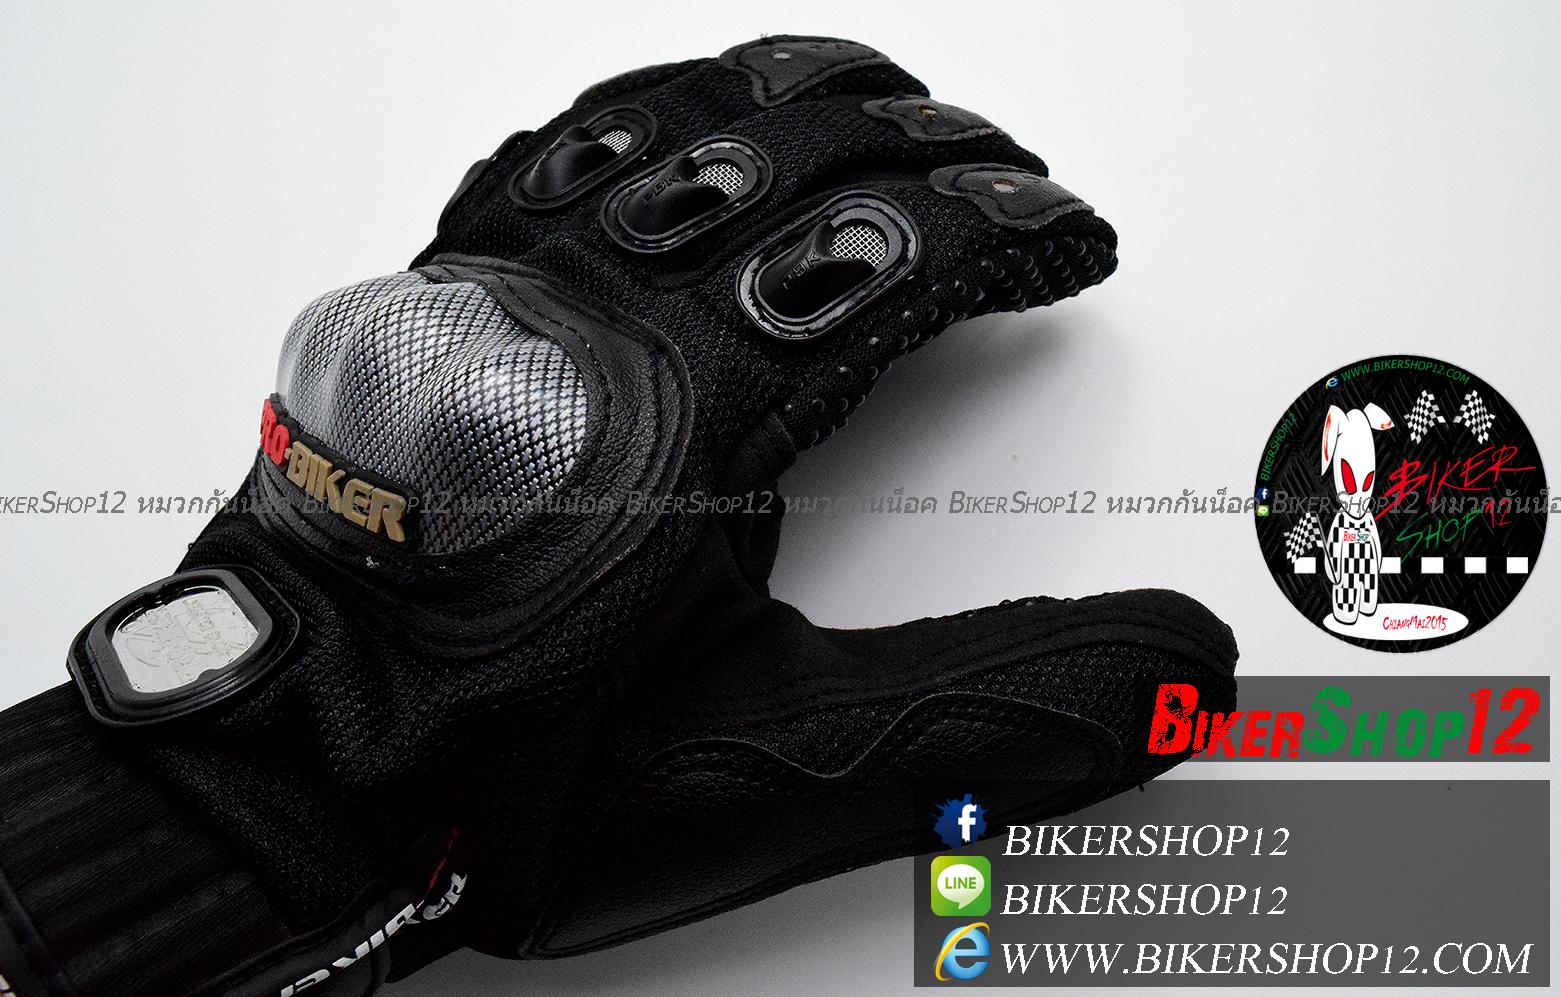 ถุงมือpro-biker (kevlarเคฟล่า) สีดำ (ราคาพิเศษ)